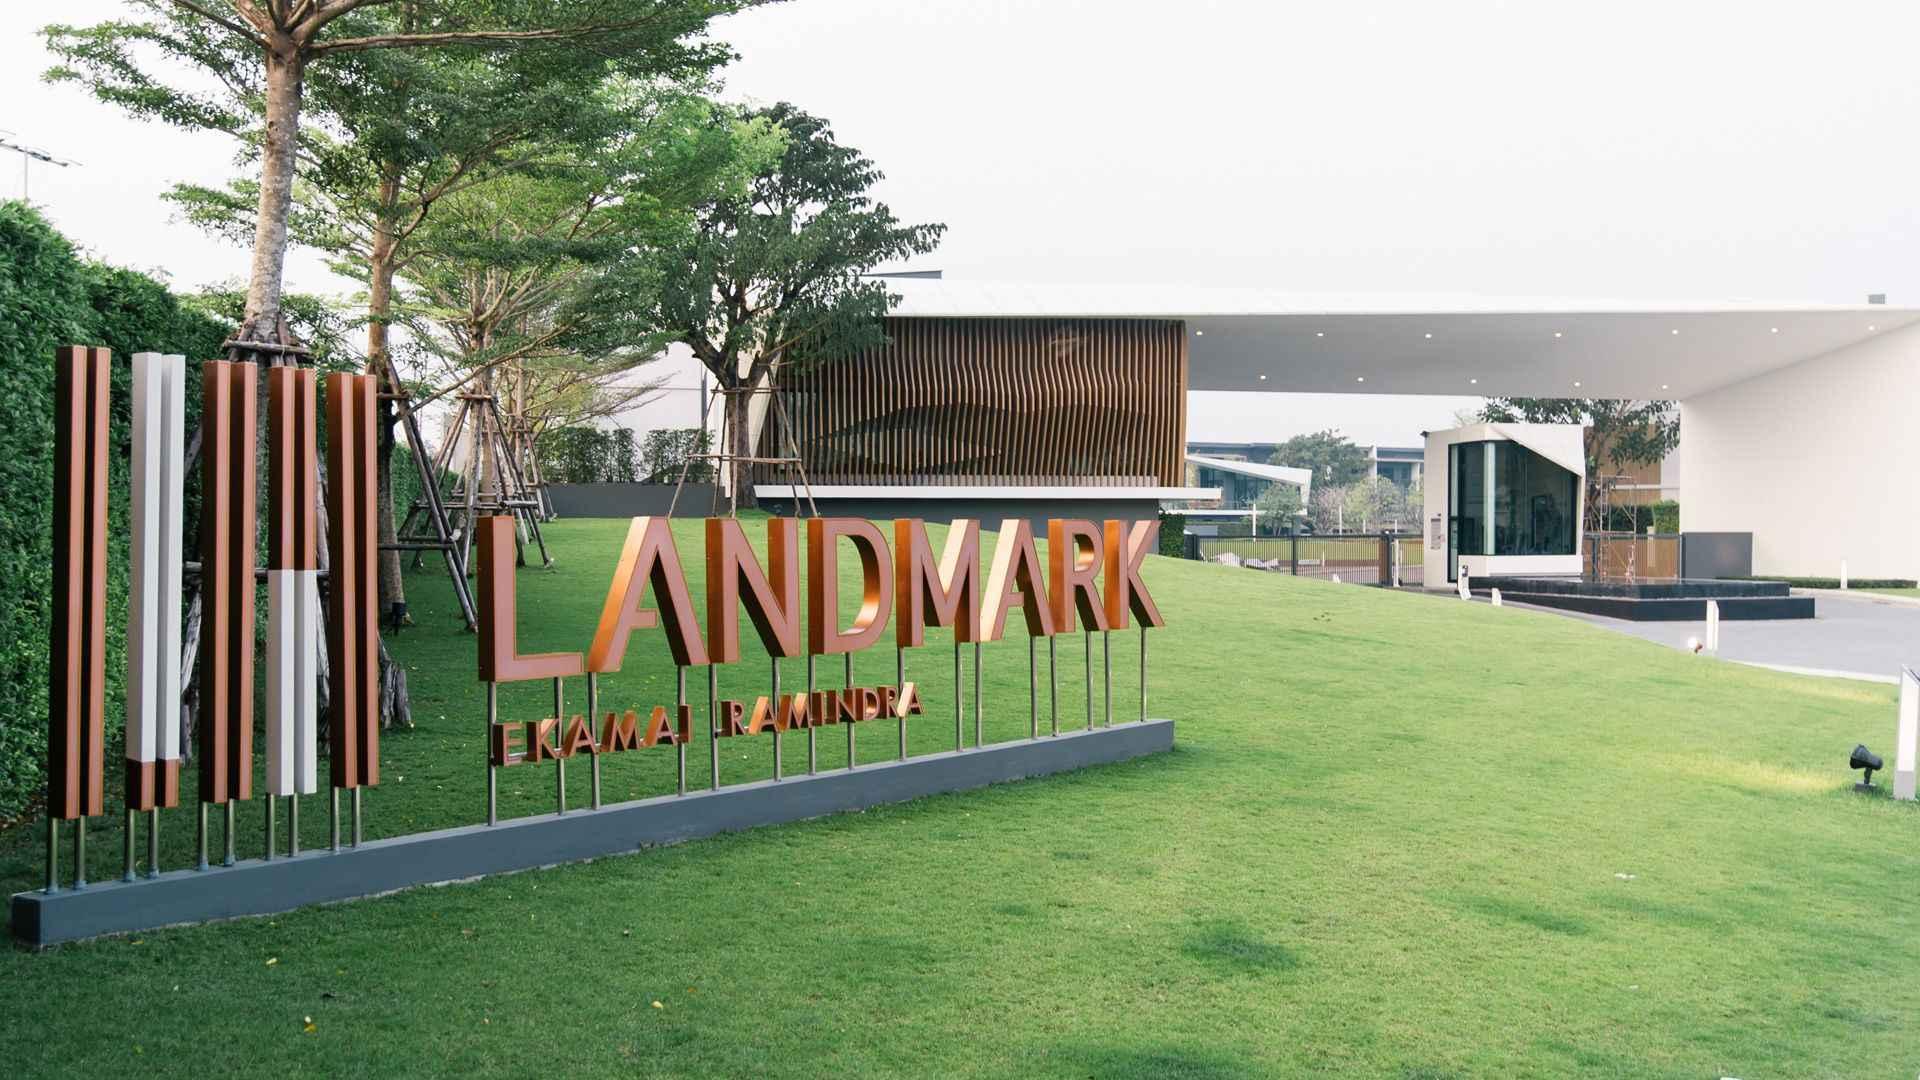 บ้าน แลนด์มาร์ค เอกมัย-รามอินทรา